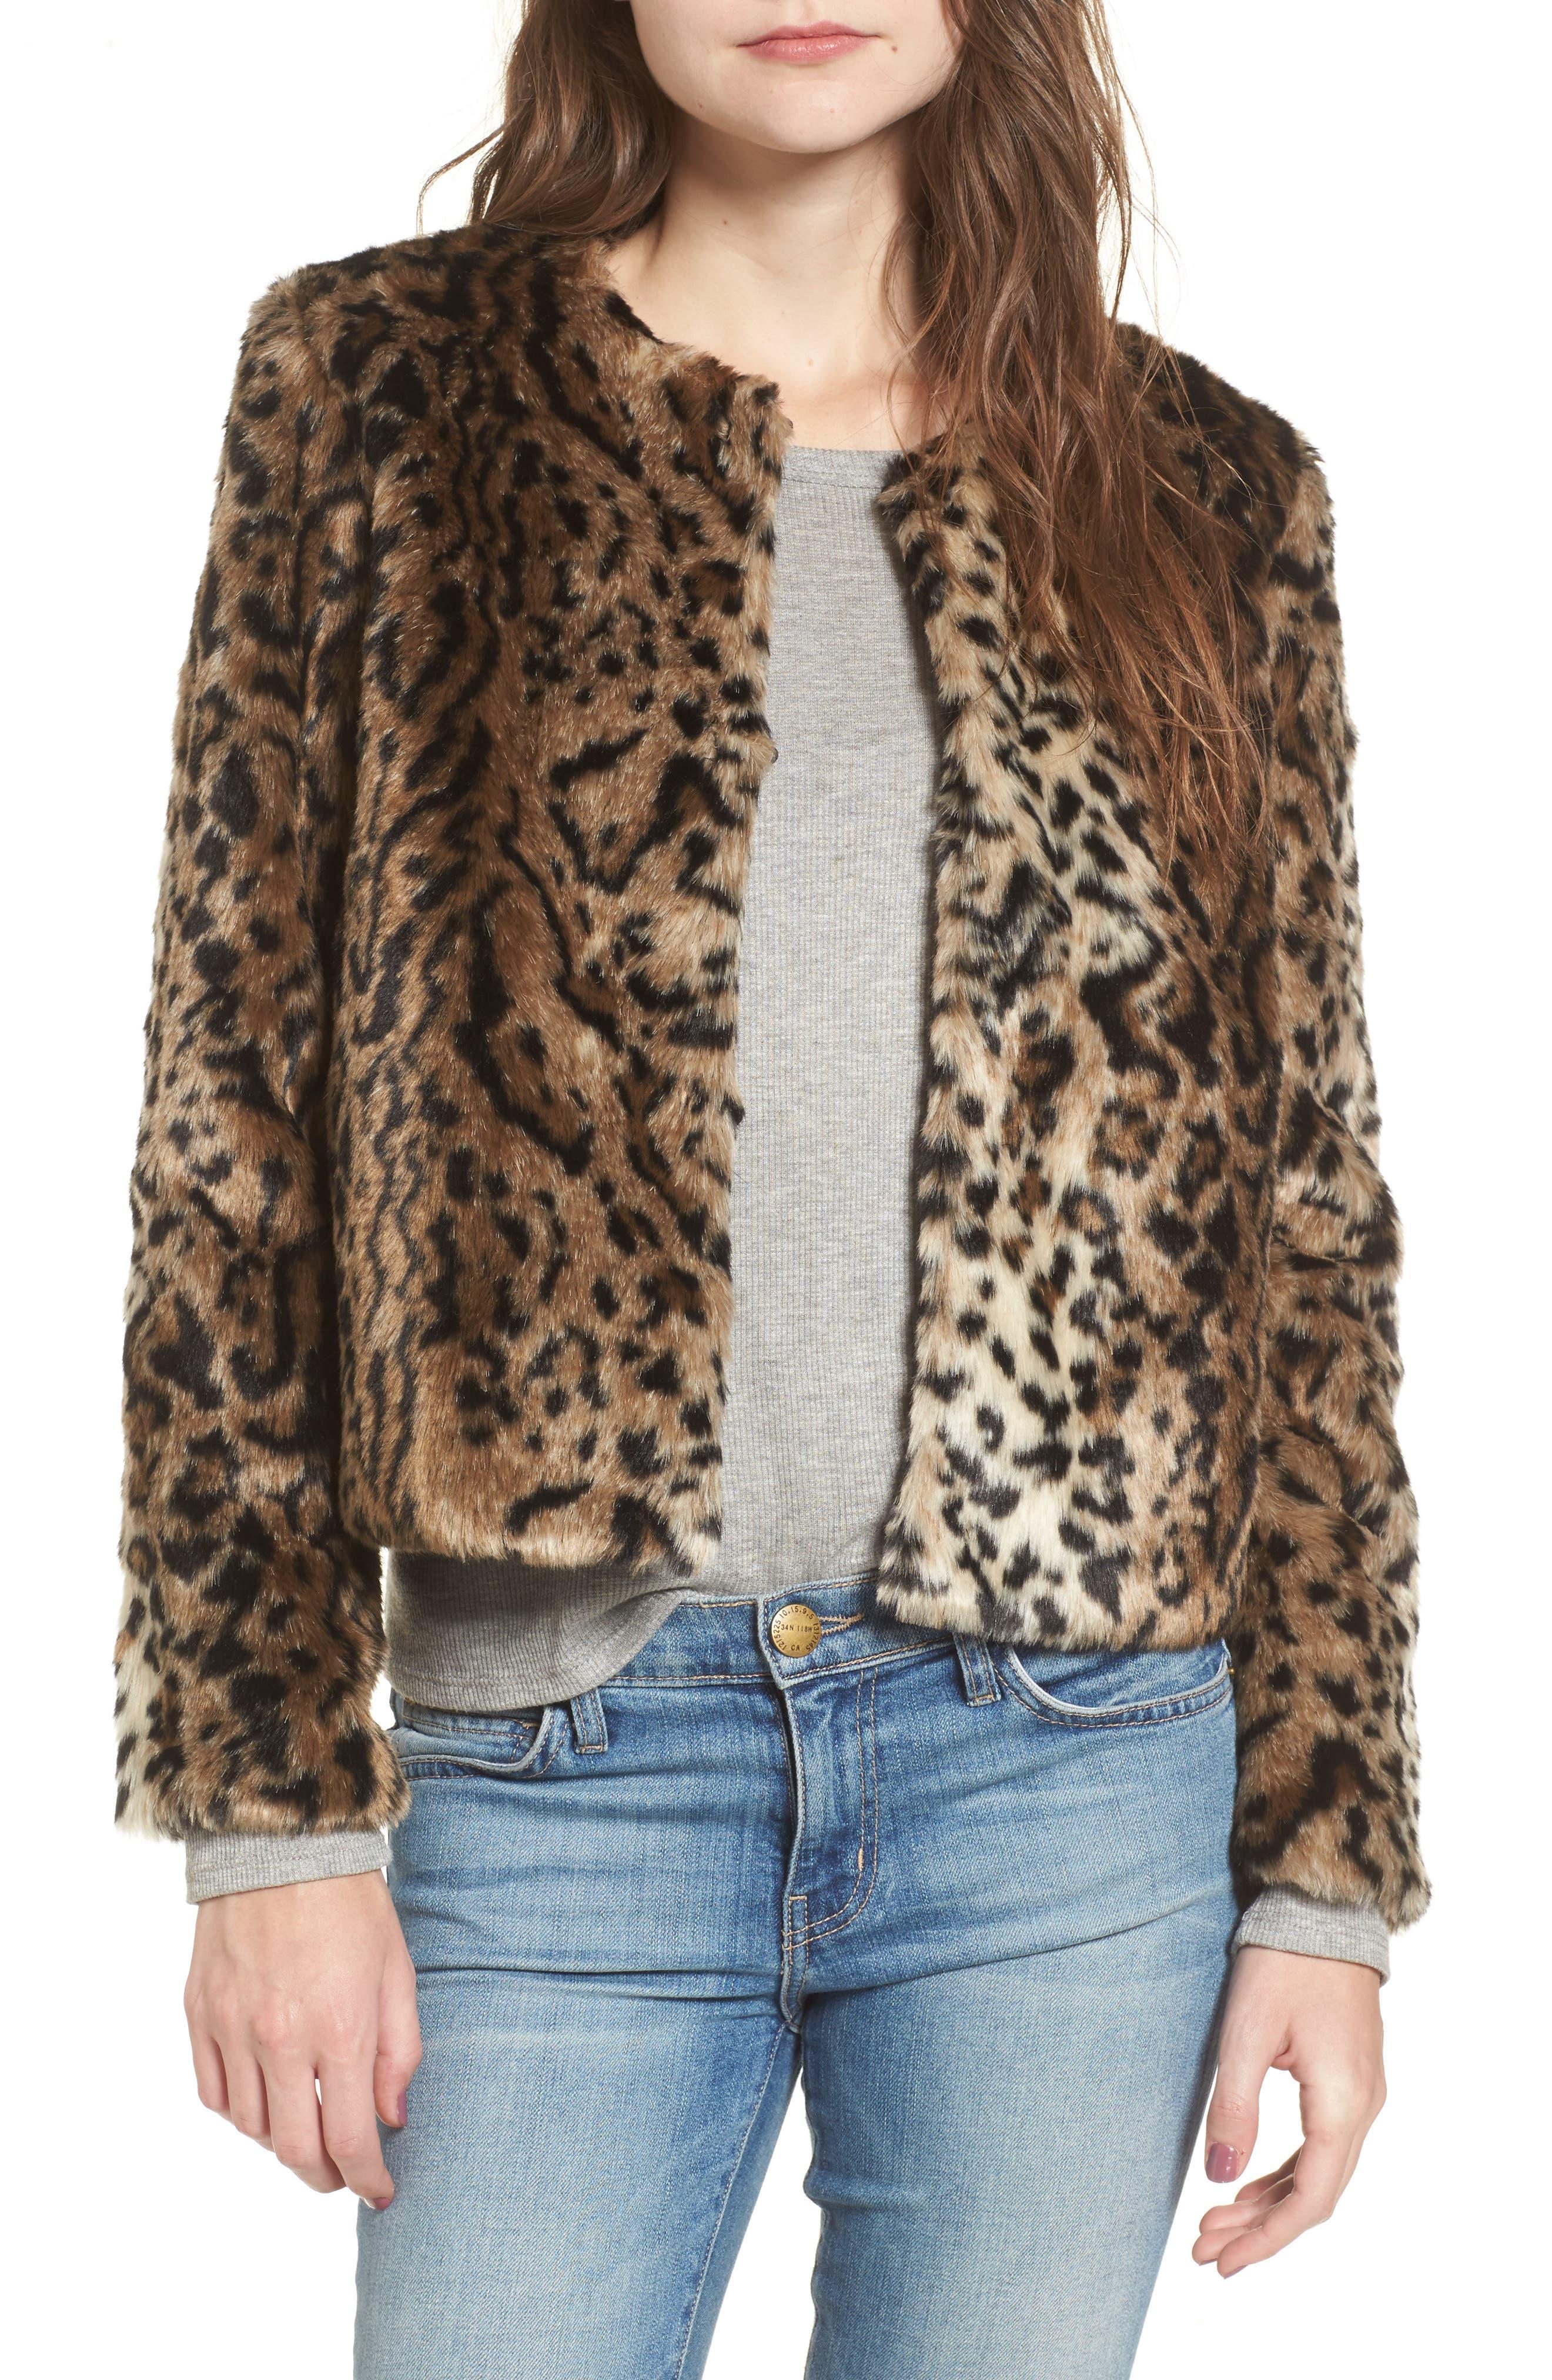 McKinley Leopard Print Faux Fur Jacket,                             Main thumbnail 1, color,                             238